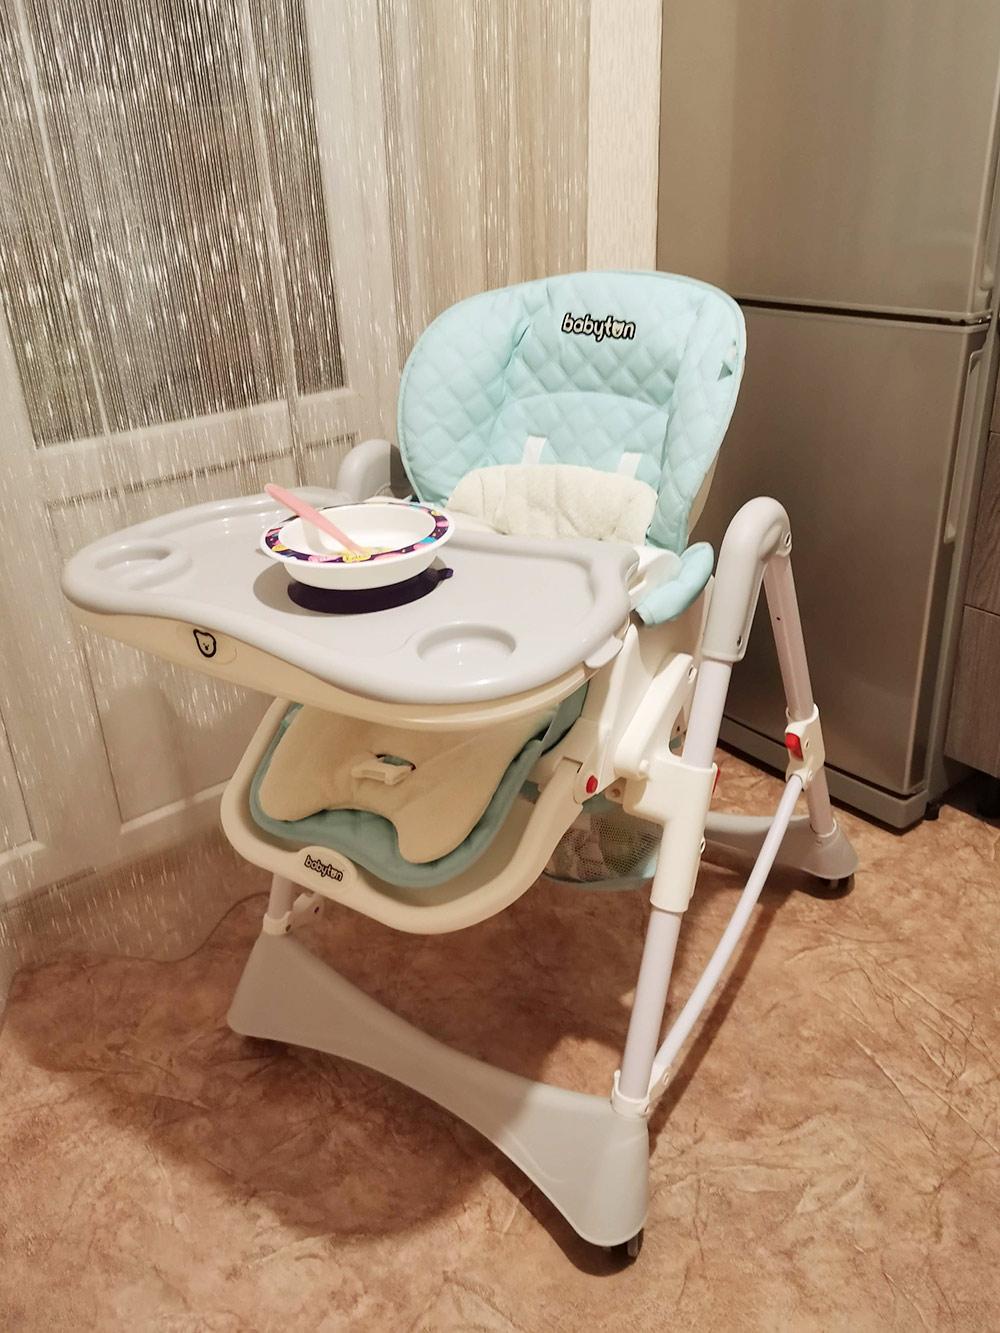 На стульчике чехол из кожзама — его легко мыть. А тарелки мы взяли на присоске: они приклеиваются к столу, и ребенок не может их случайно уронить